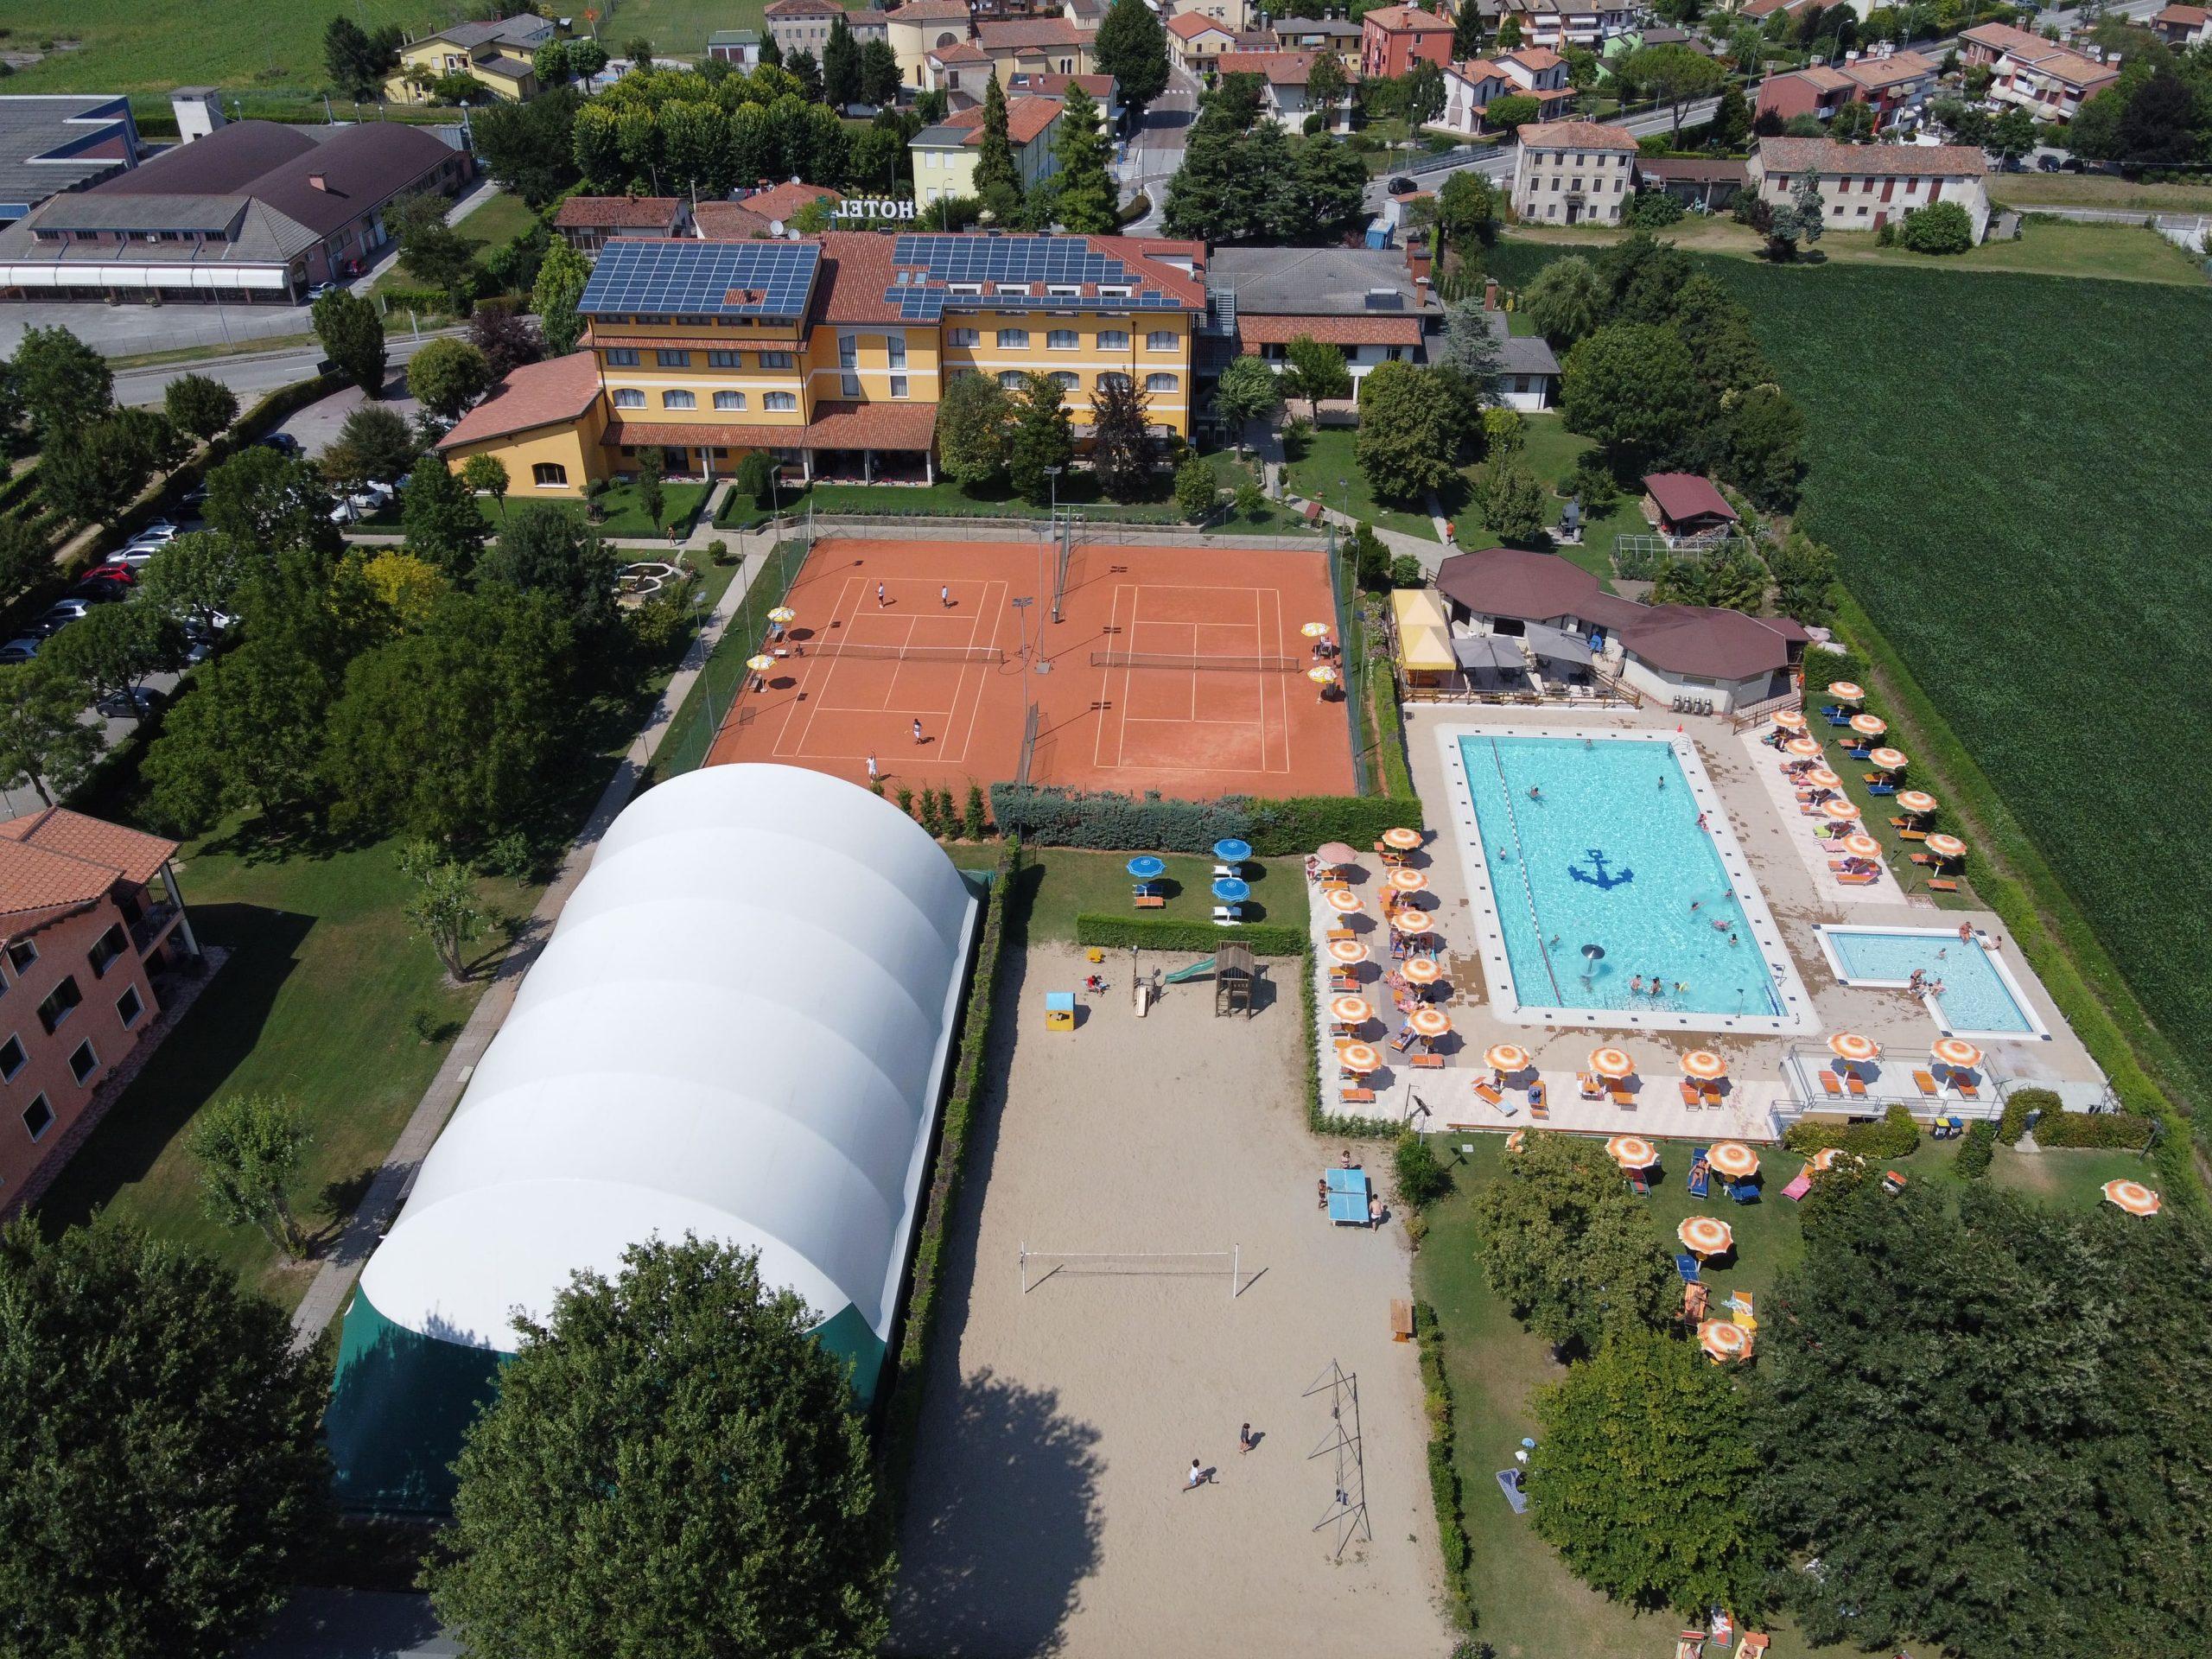 Ancora Sport Hotel vista dall'alto con drone